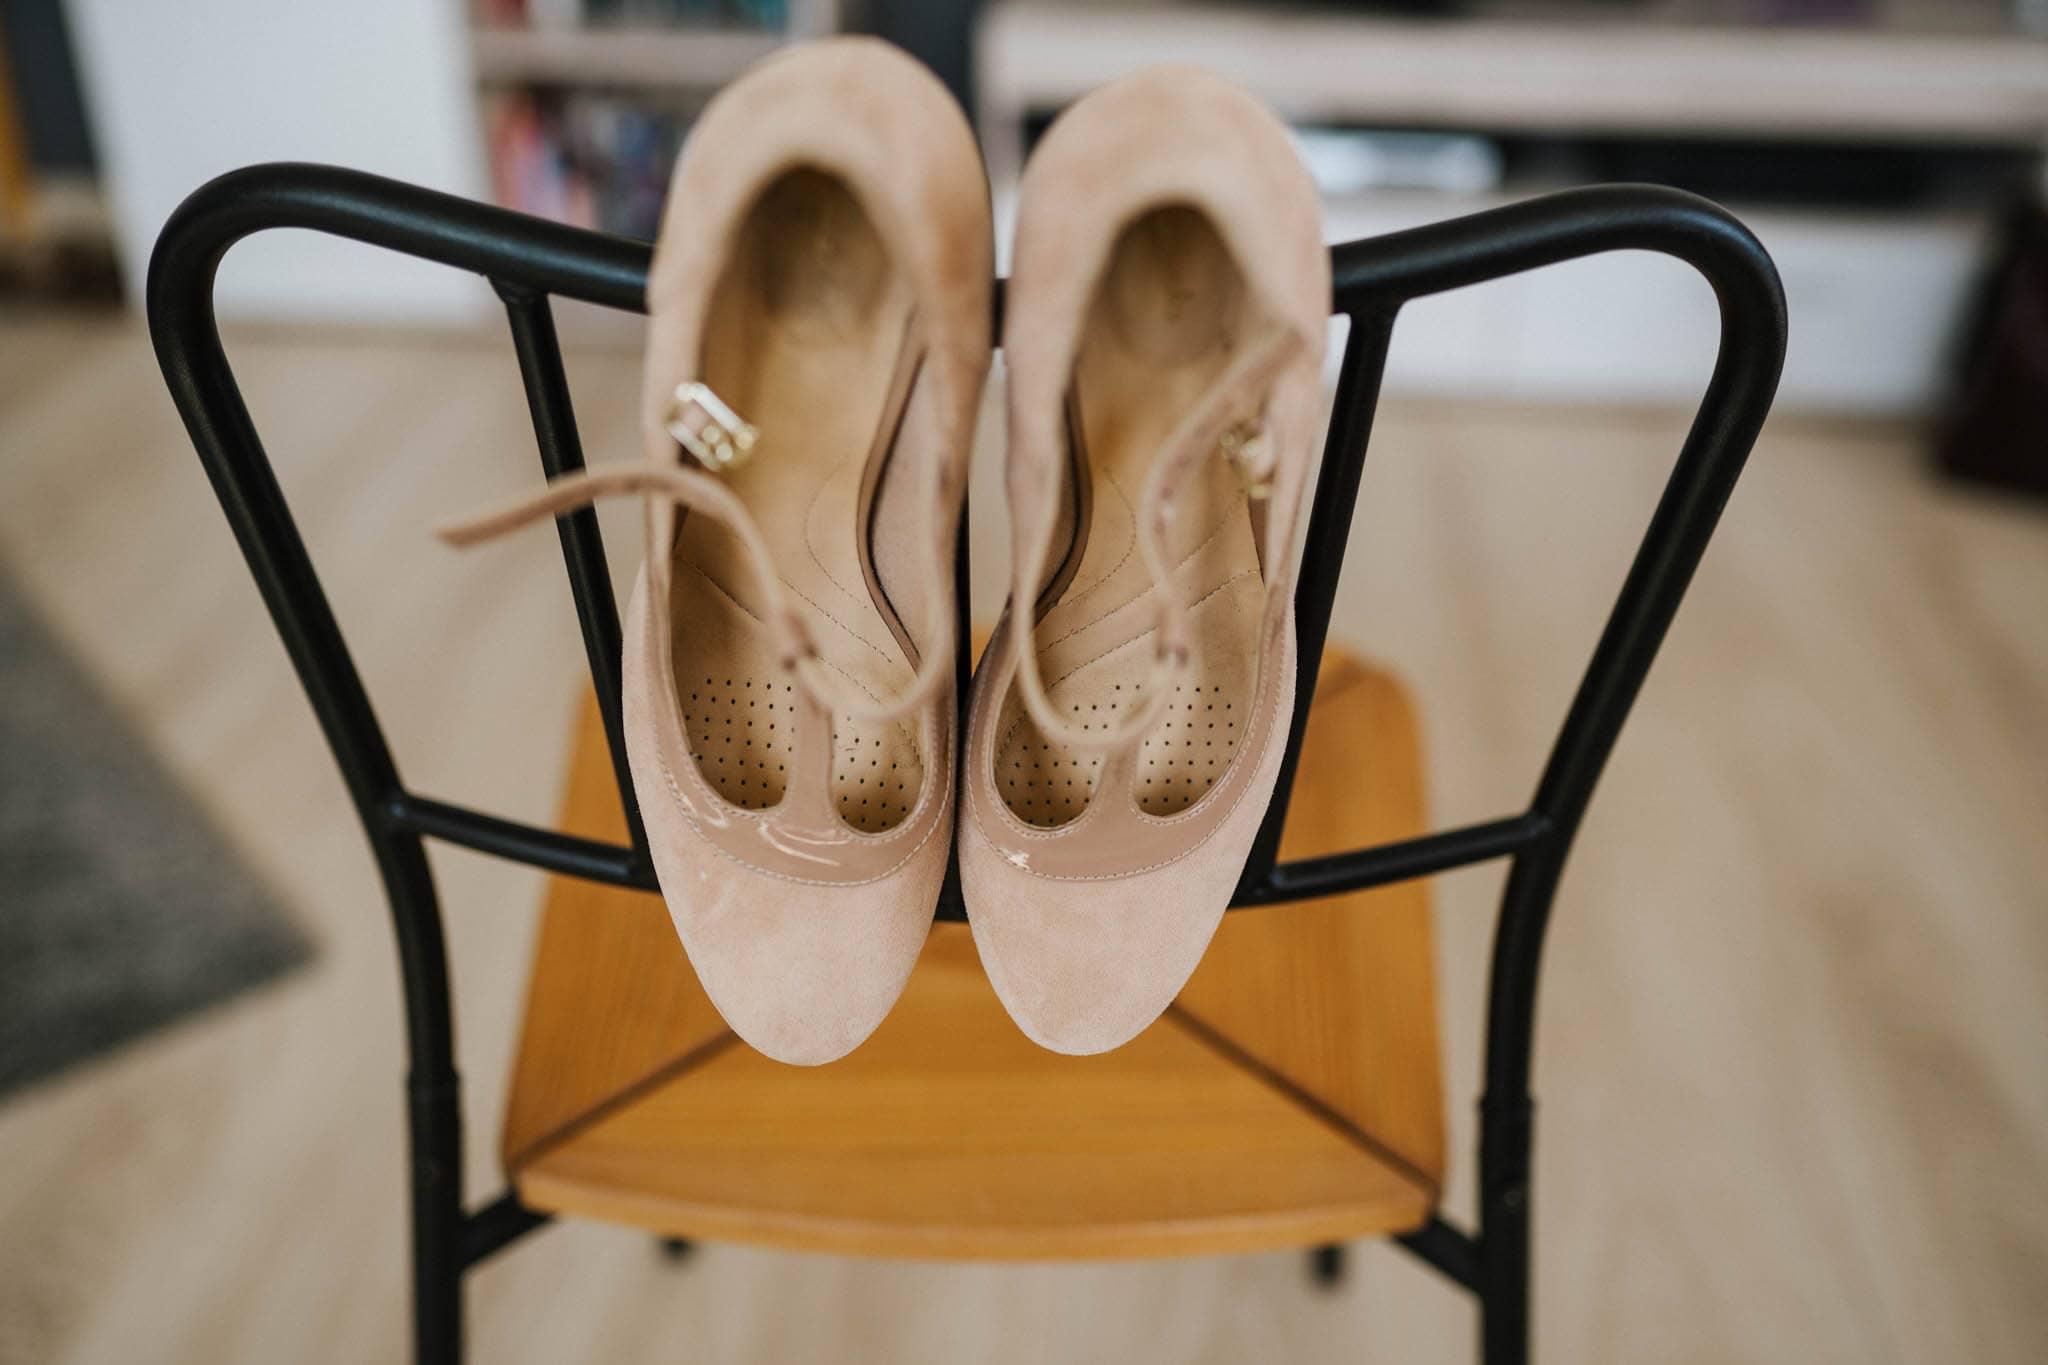 Hochzeitsfieber by Photo-Schomburg, Hoichzeitsfotograf, Hamburg, Wedding, Weddingtime, Hochzeitspaar, Braut, Bräutigam, Hochzeit im Norden,-16